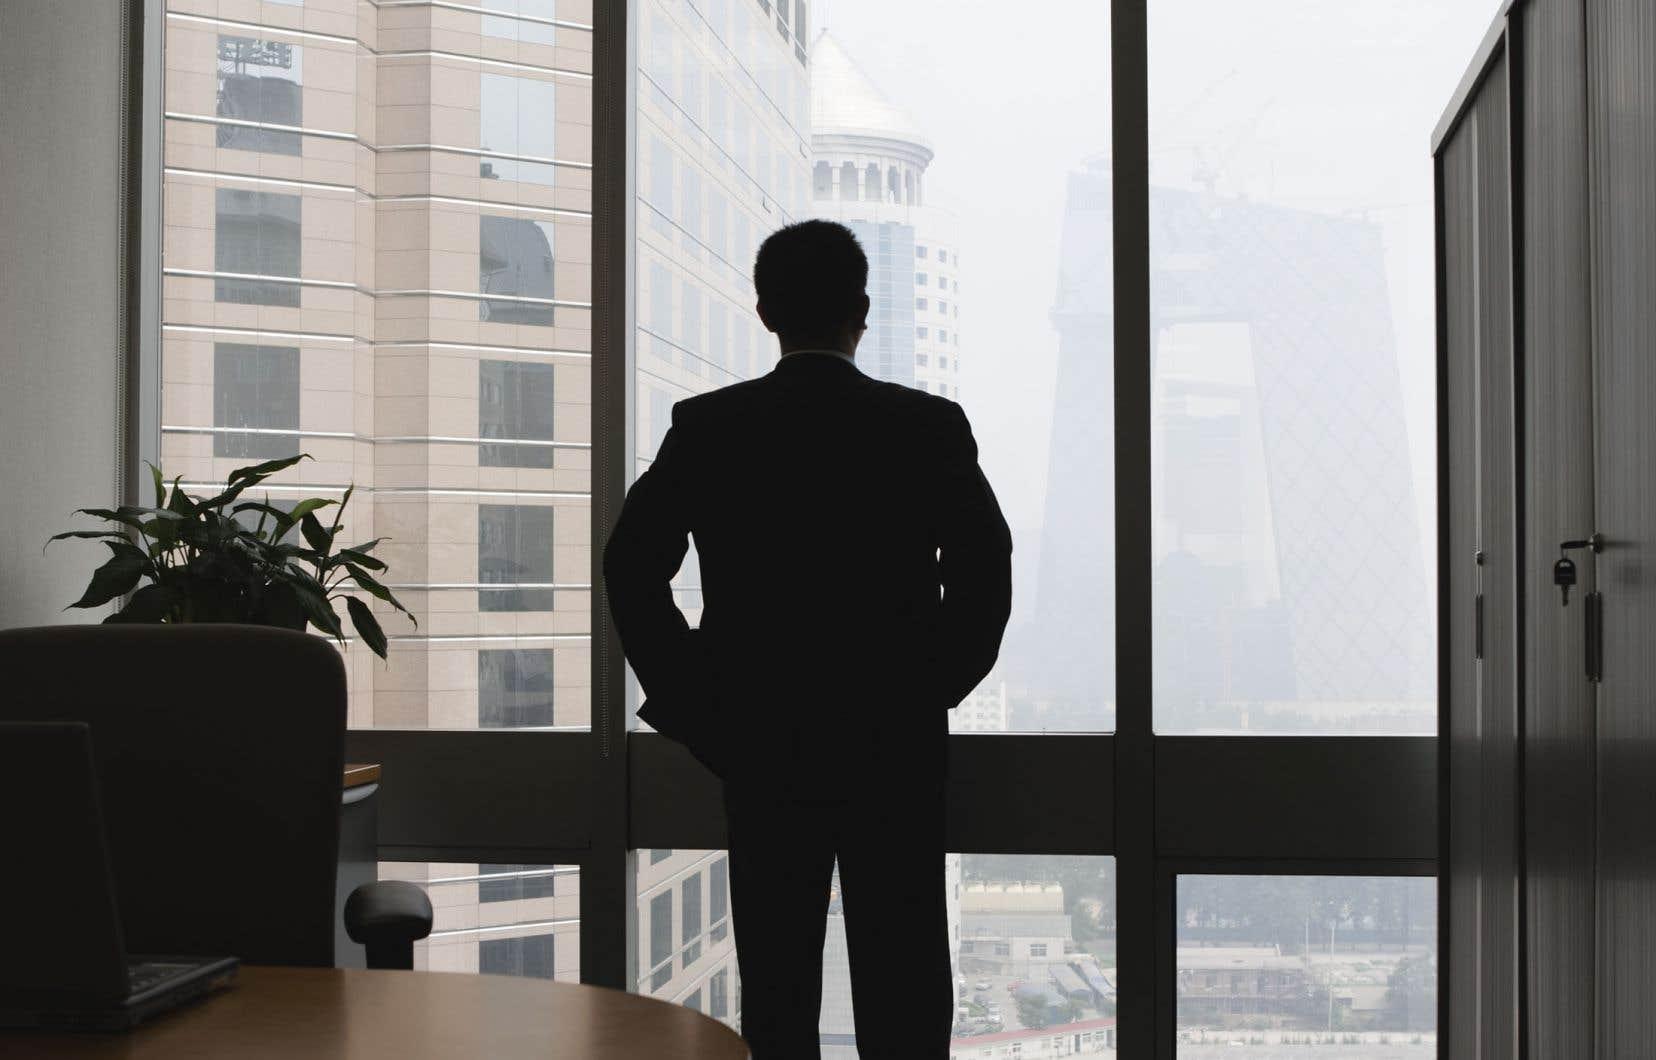 «Le Canada et le Québec ne se sont pas prononcés sur deux sujets brûlants de la gouvernance d'entreprise: les dividendes et la rémunération des hauts dirigeants», souligne l'auteur.